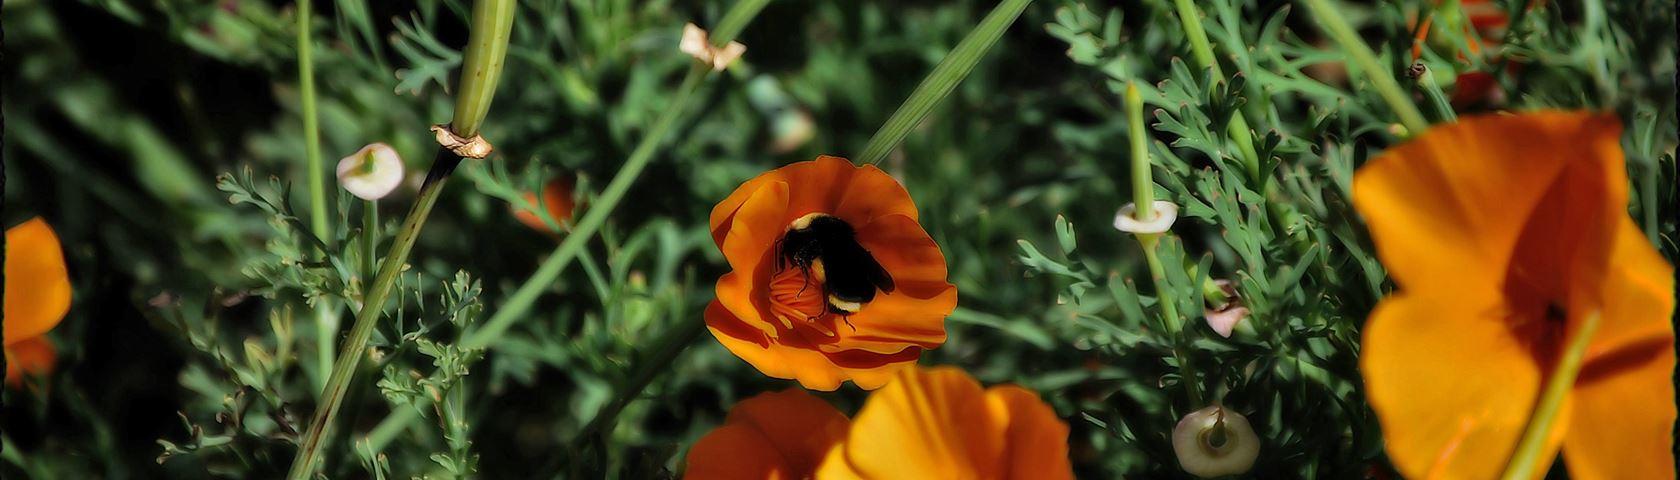 Poppie Pollen